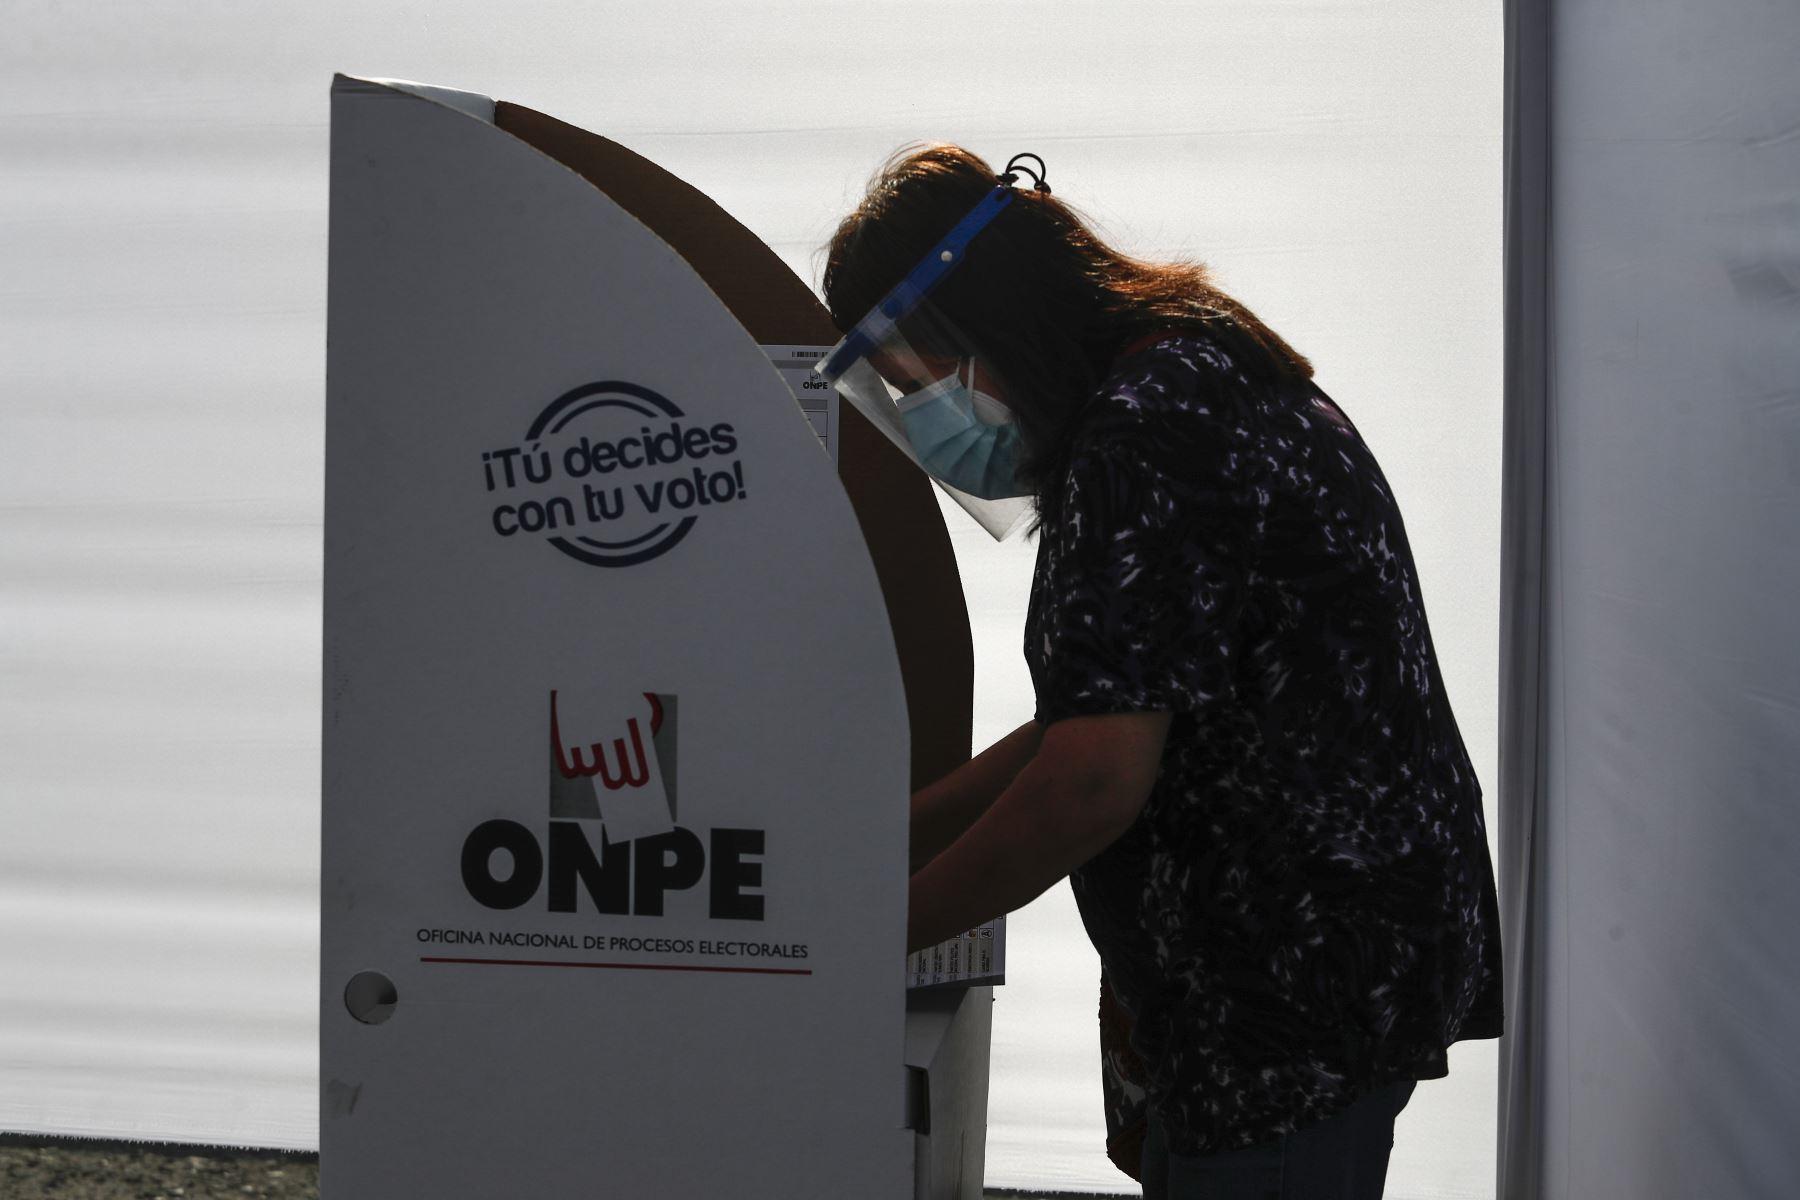 El voto es secreto, recordó el JNE. ANDINA/Renato Pajuelo